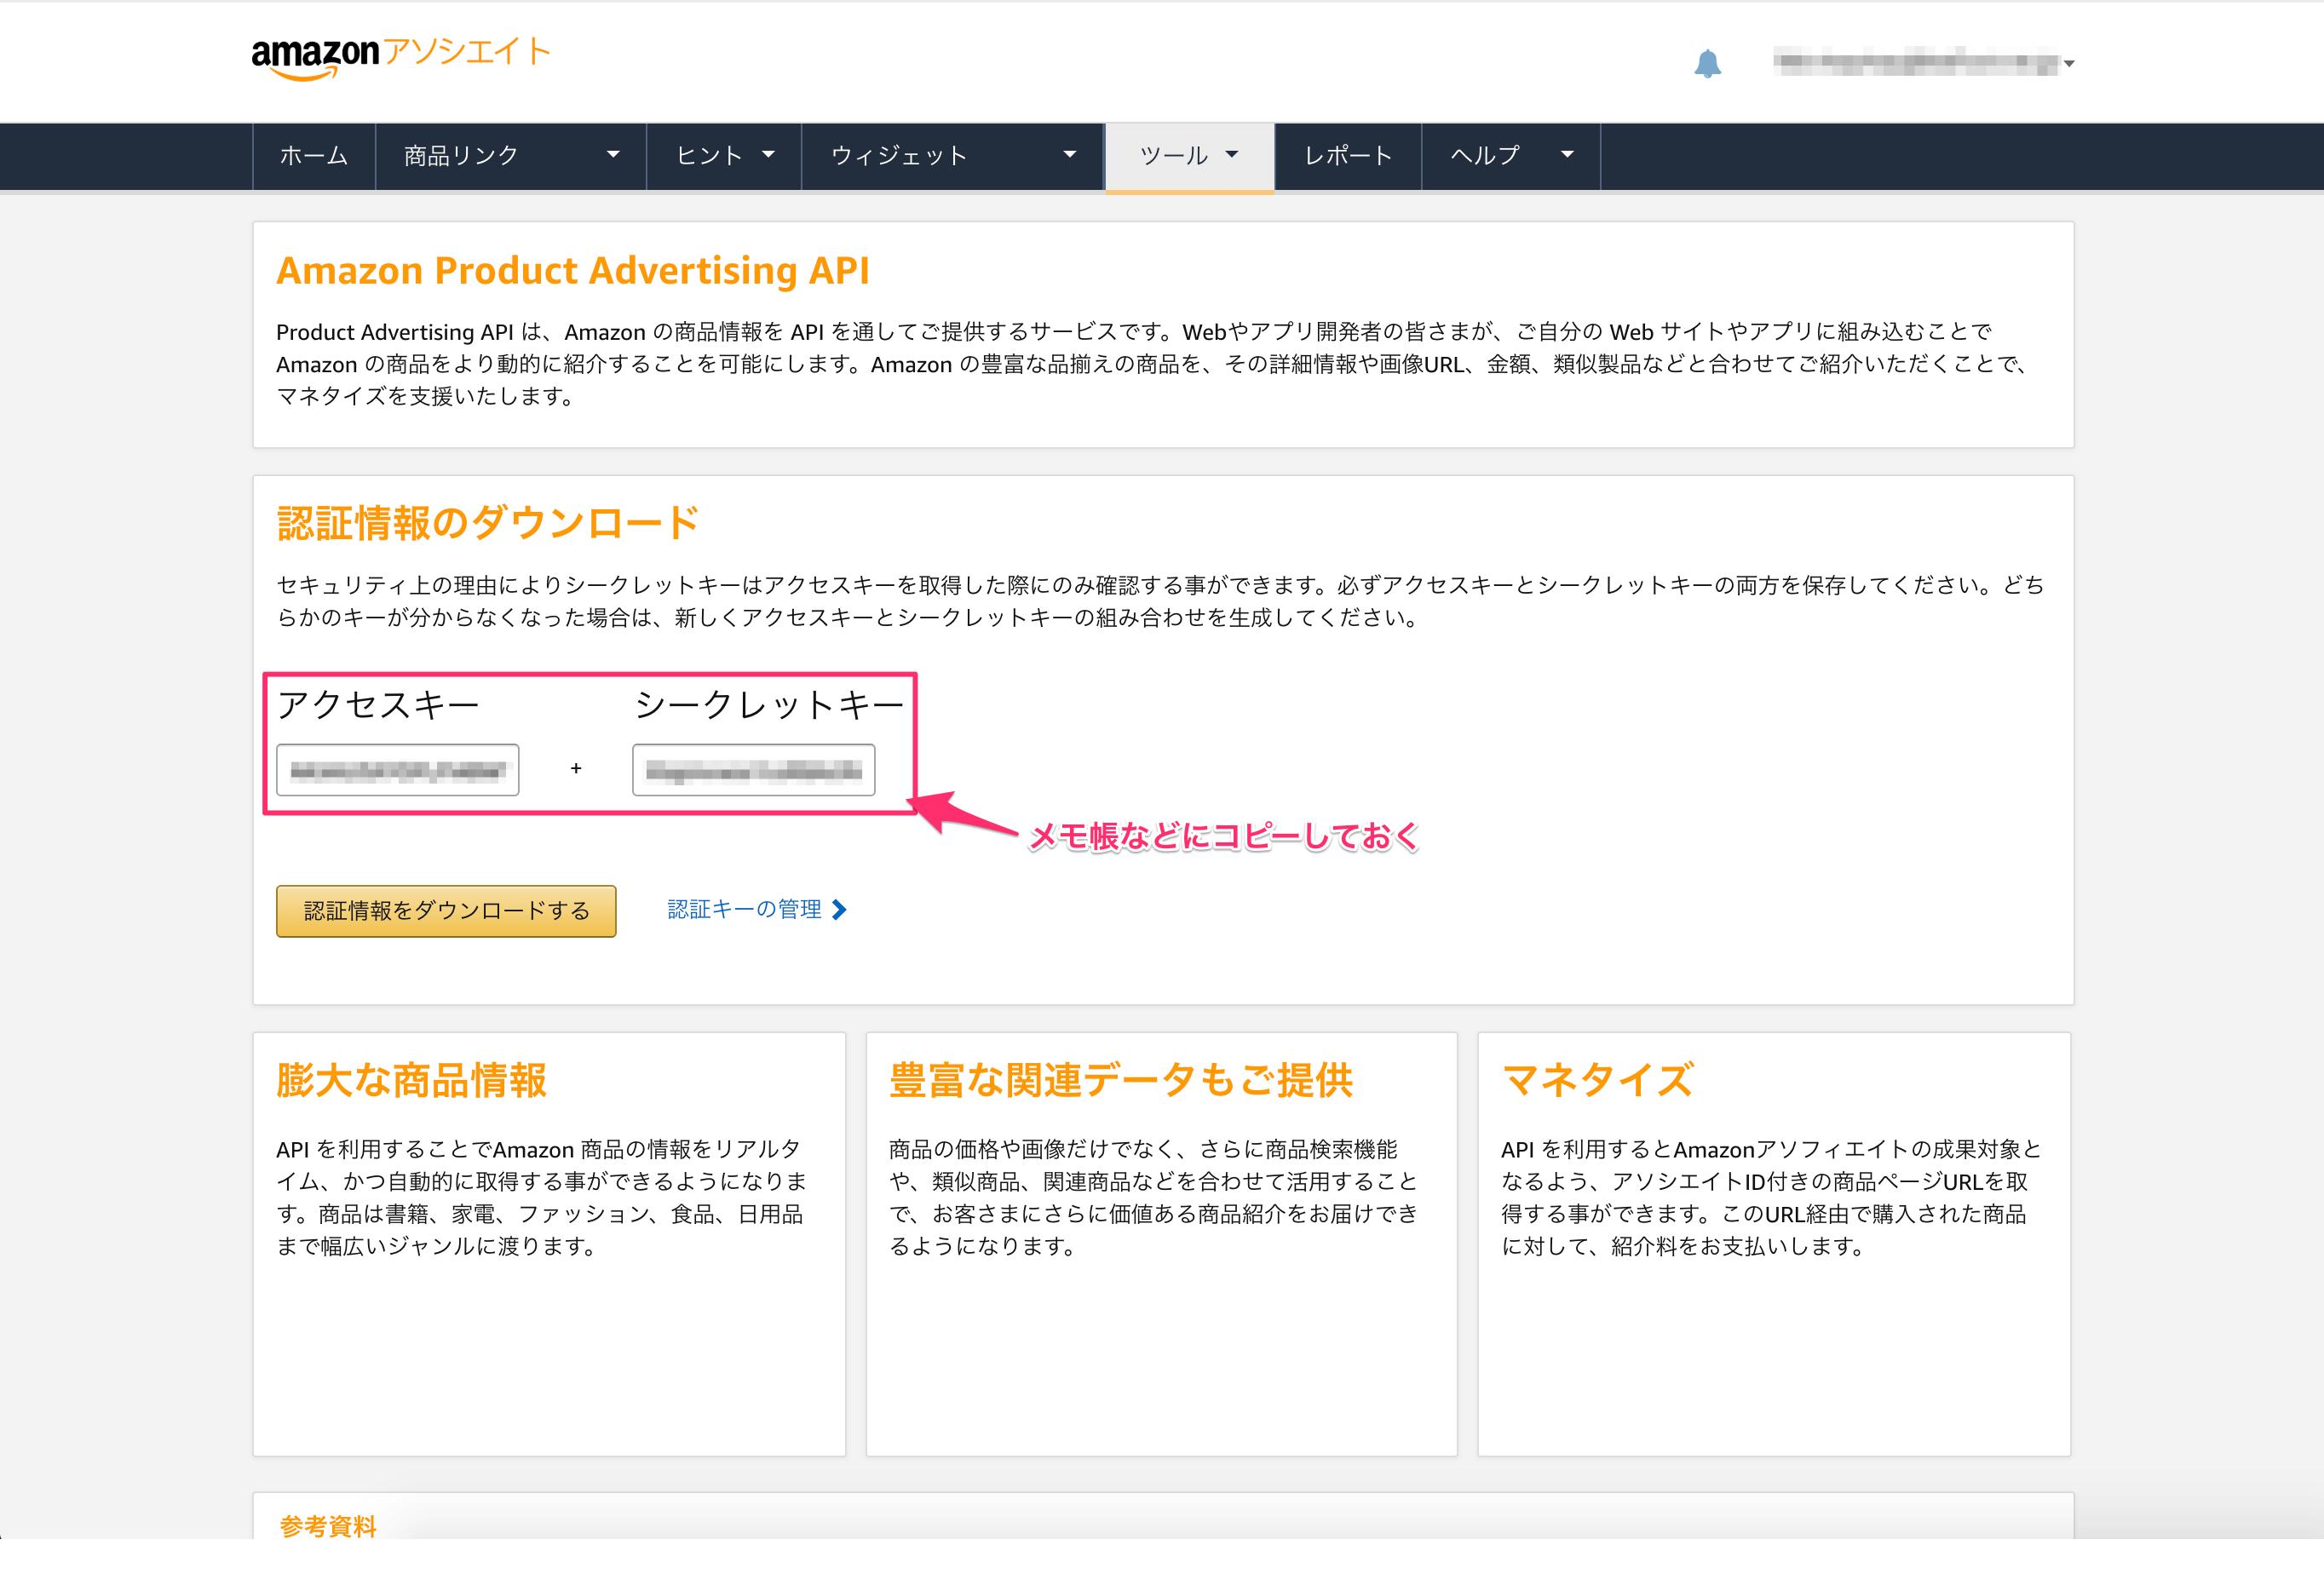 amzn-get-access-key-04